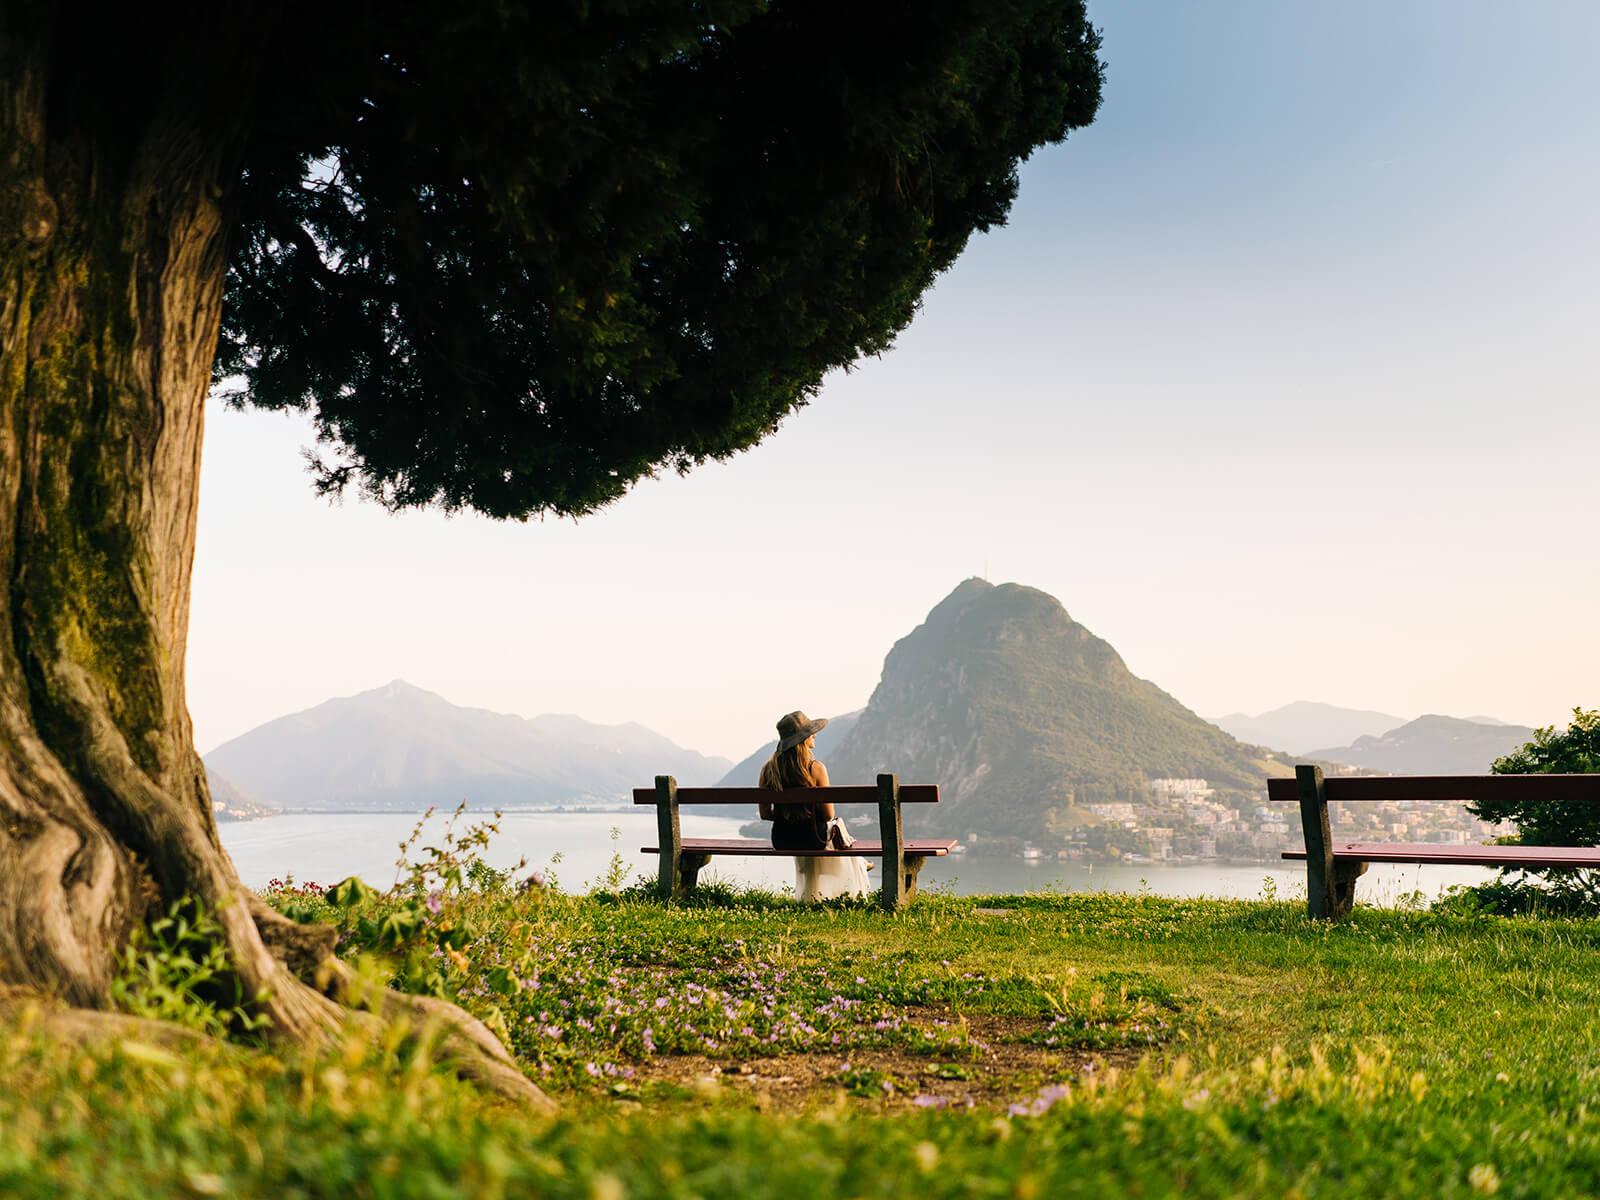 Parco San Michele Lugano (Copyright Milo Zanecchia/Ticino Turismo)